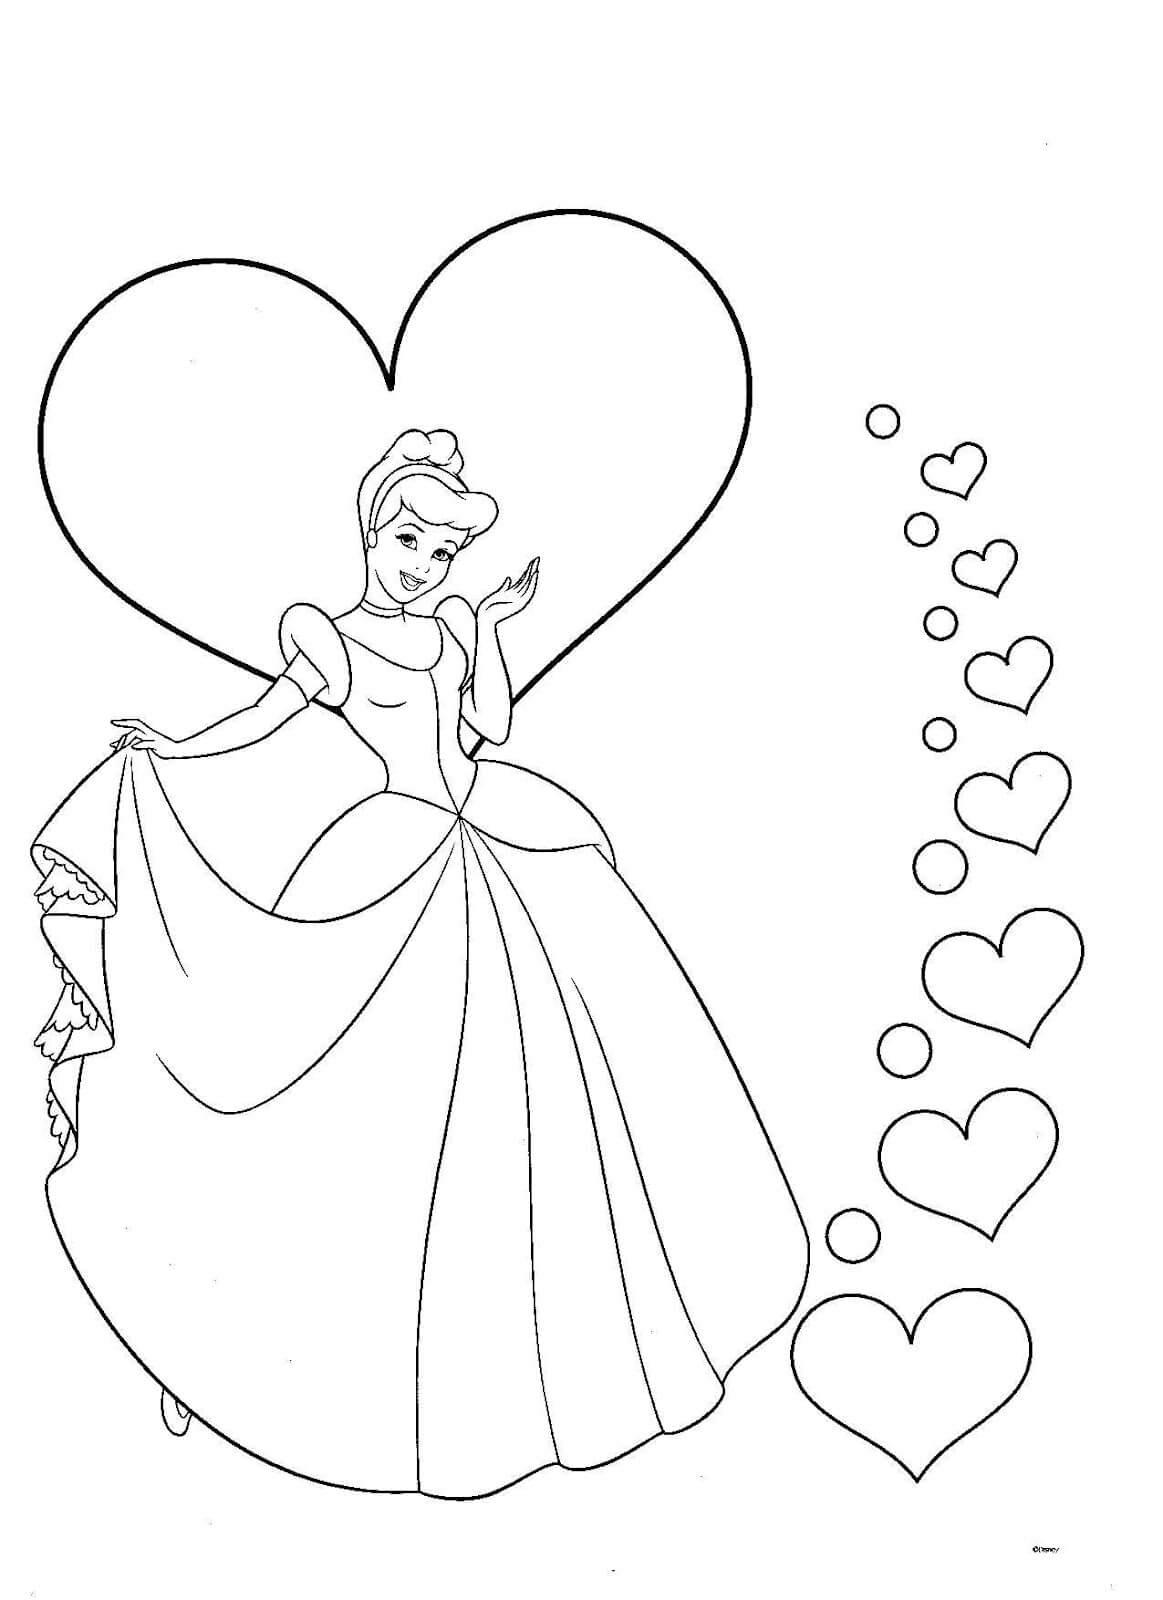 Dibujos de princesas - Dibujos para pintar y colorear gratis